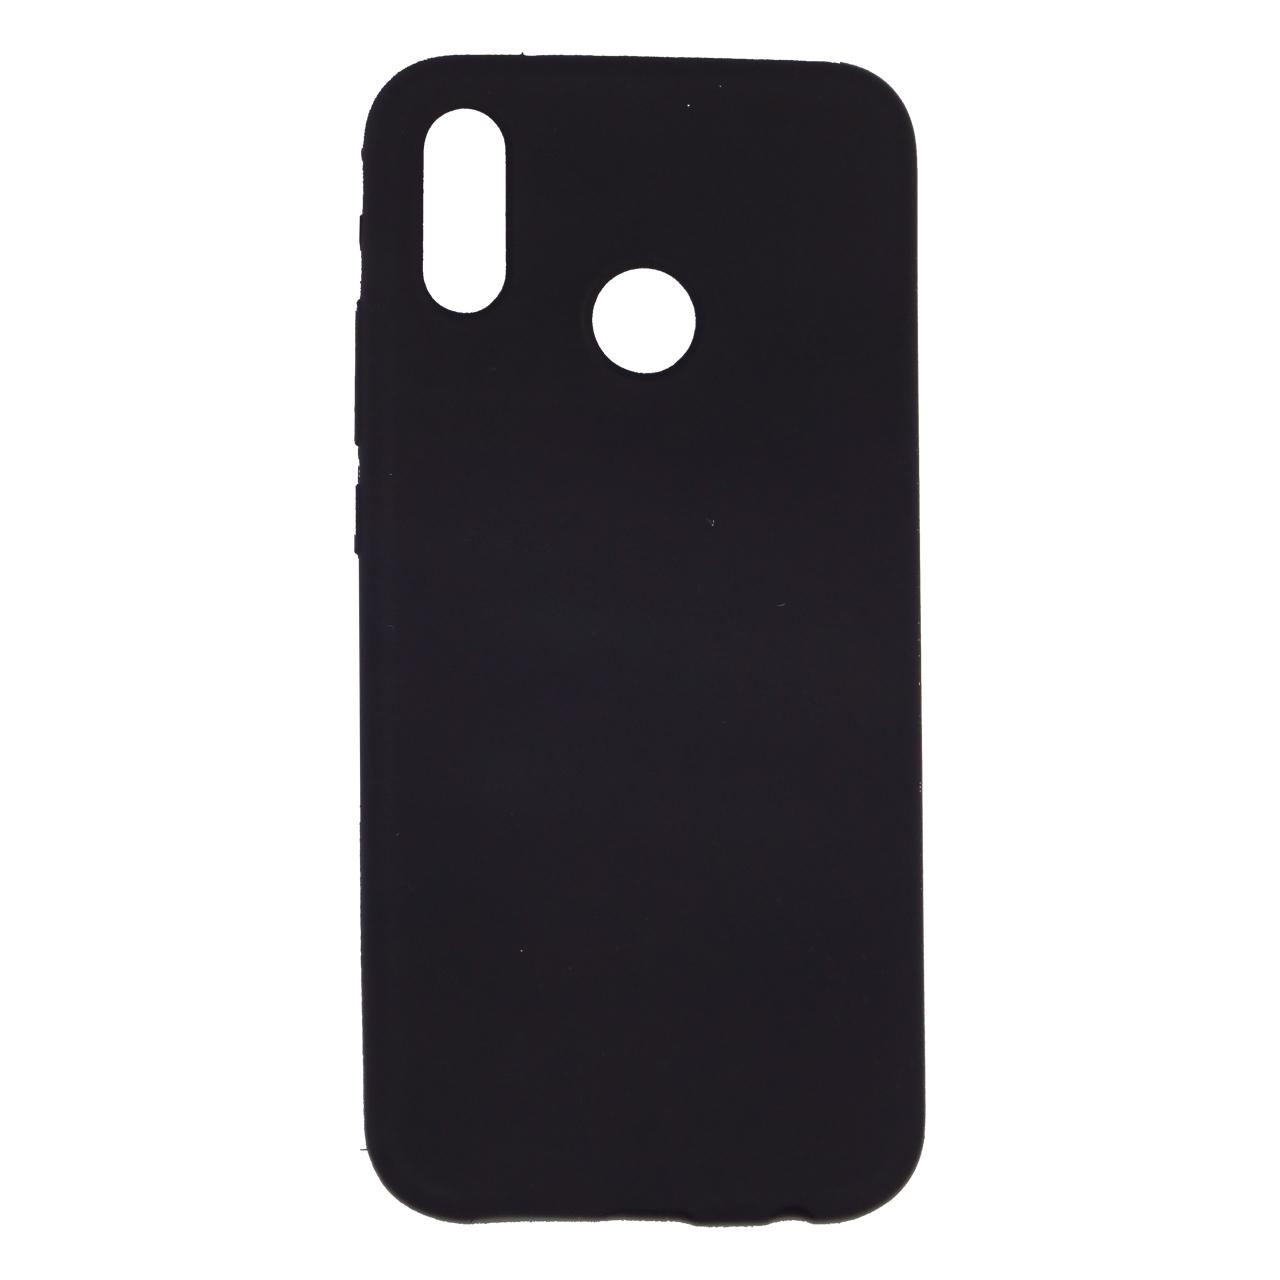 کاور مدل Lovely مناسب برای گوشی موبایل هوآوی P20 Lite / Nova 3e              ( قیمت و خرید)